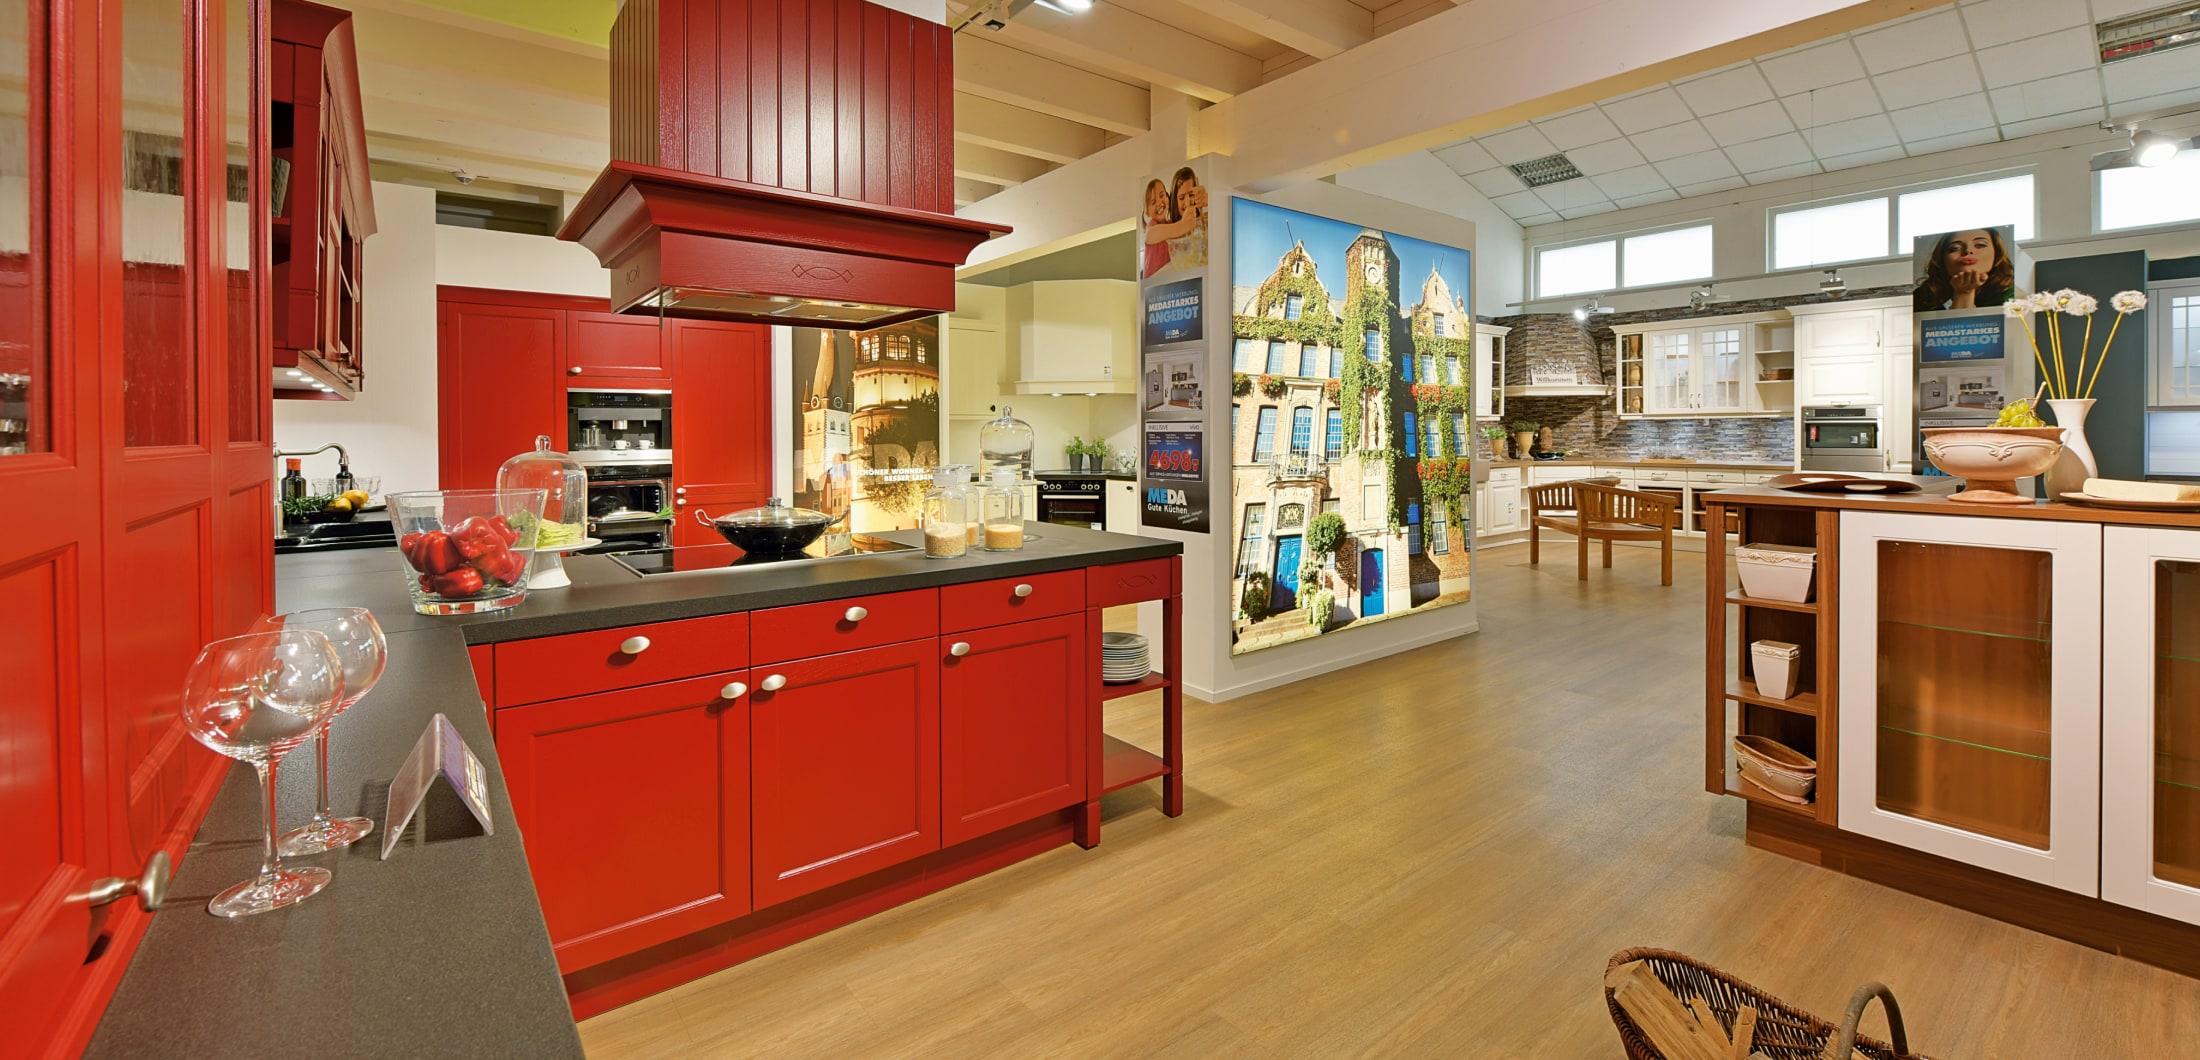 Küche mit roter Front und modernen Küchengeräten.